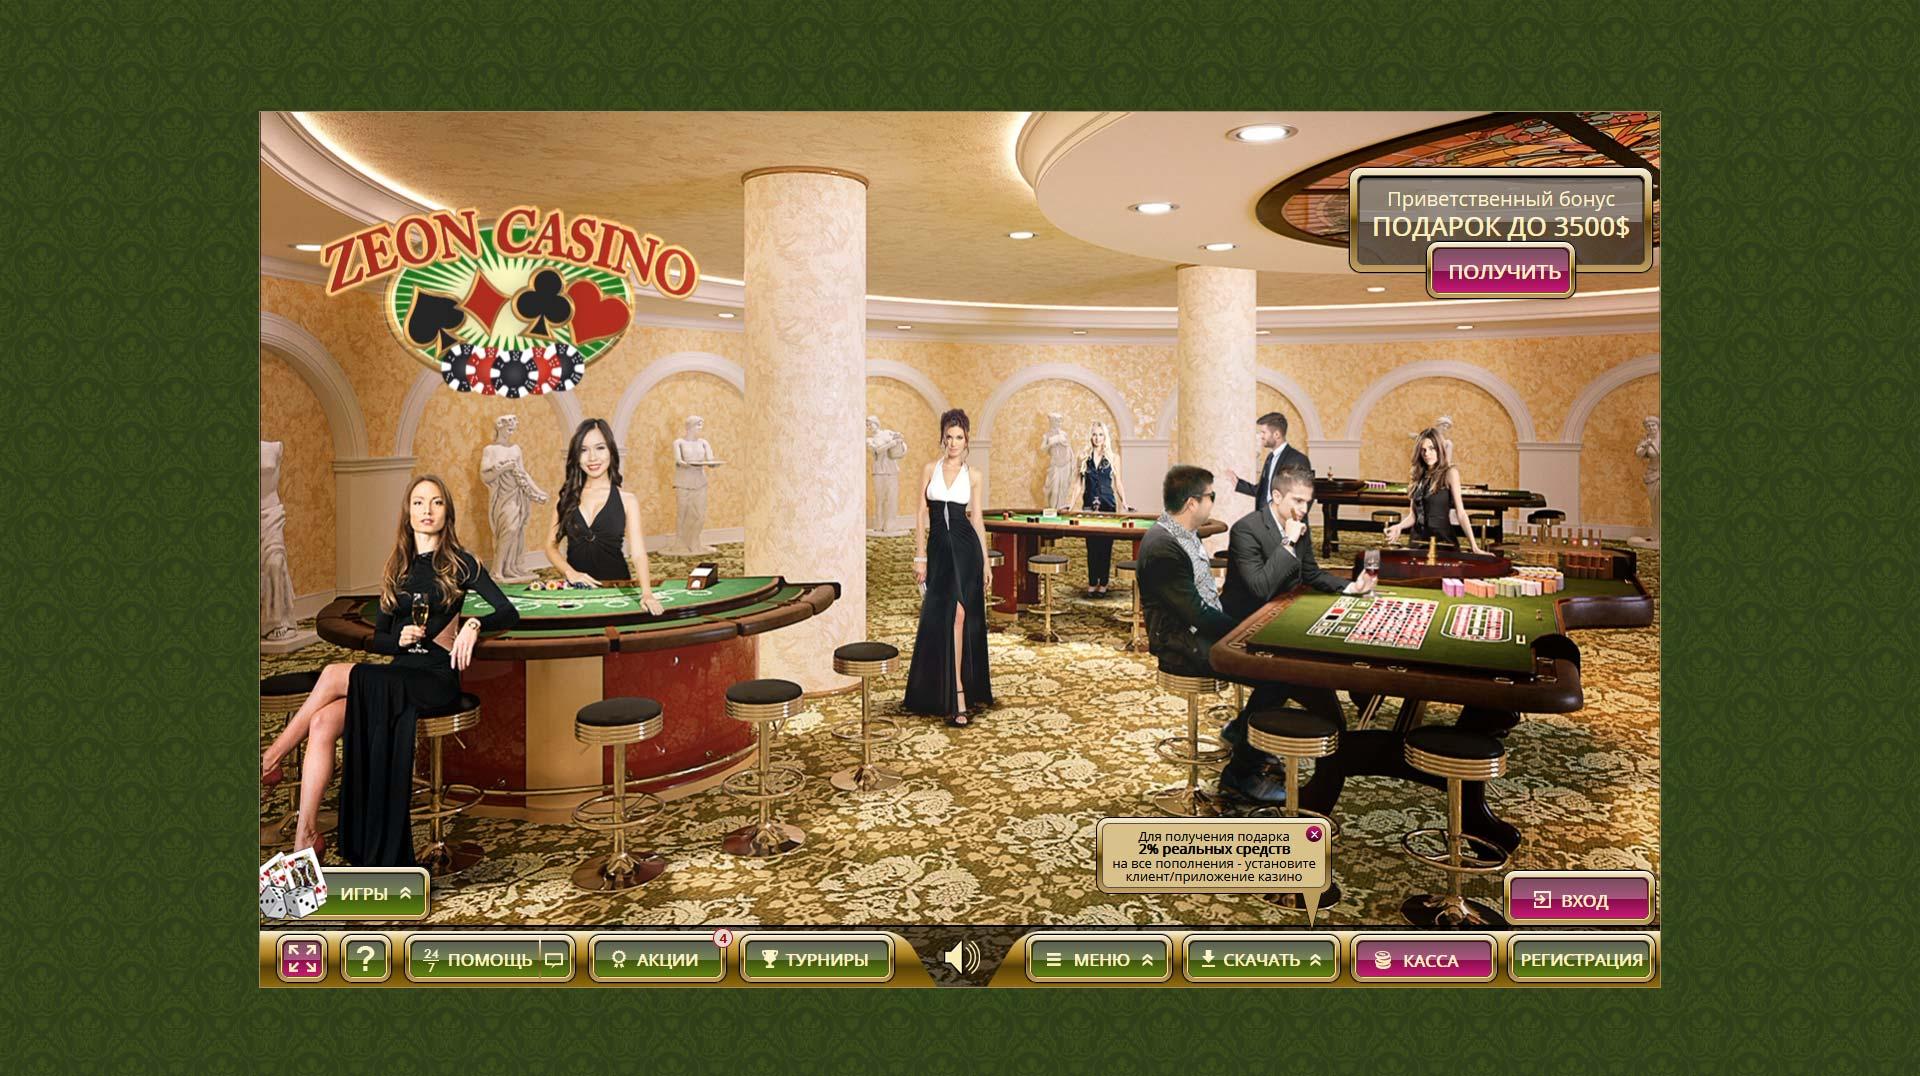 Zeon казино вход i казино где играют на рубли